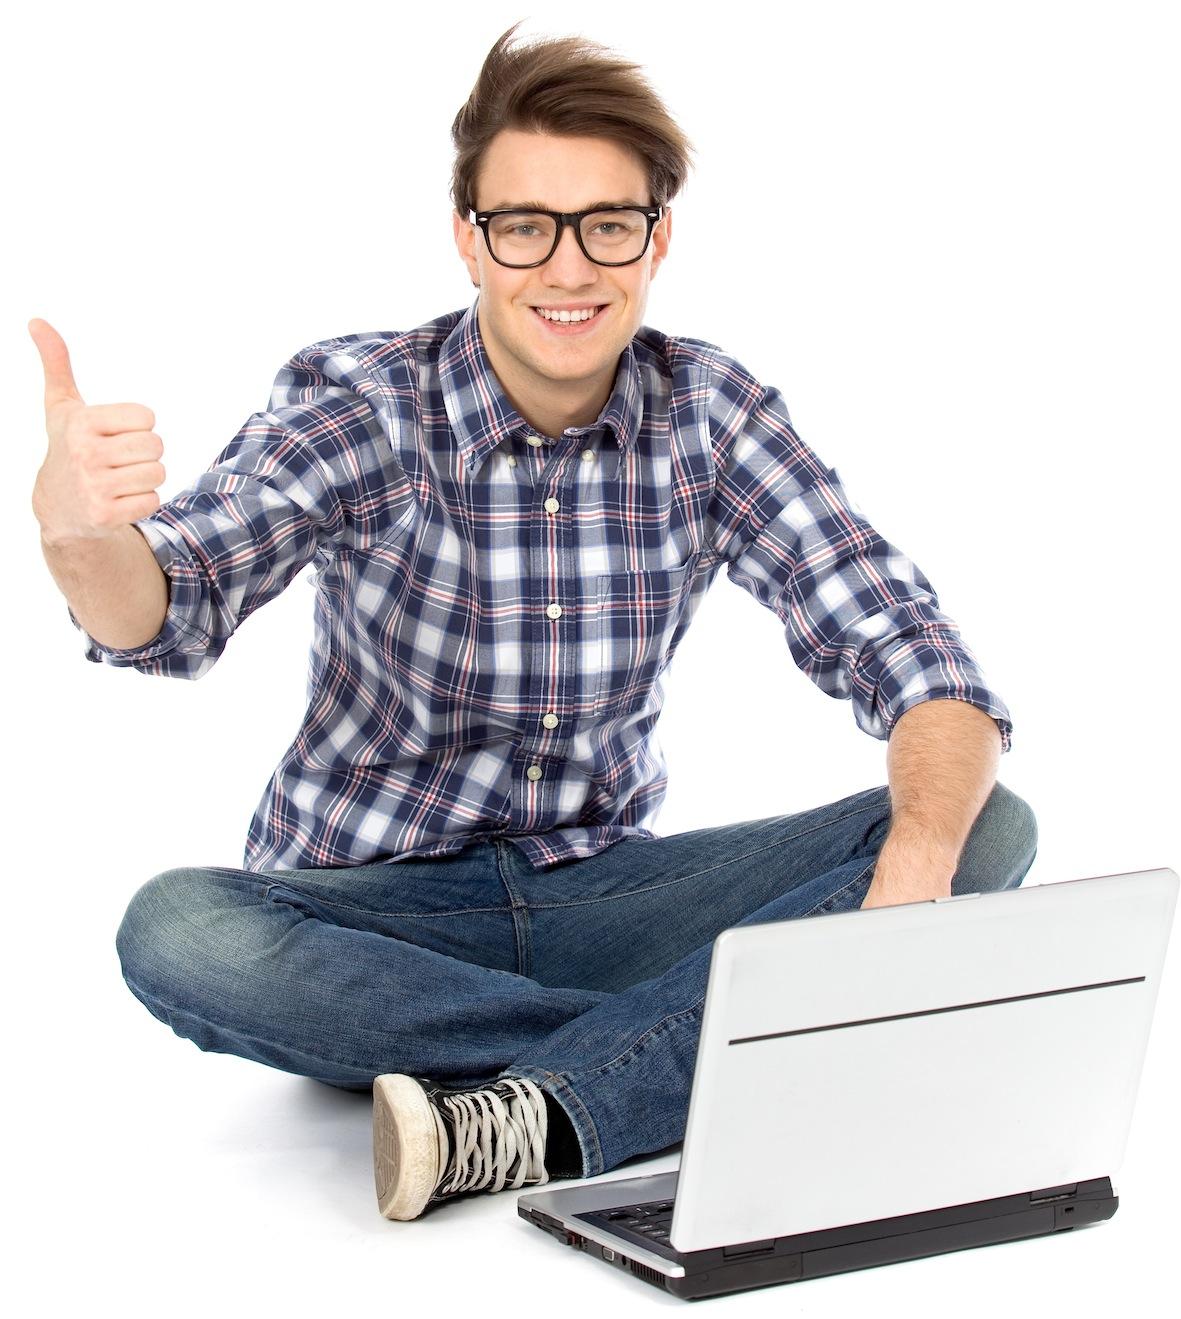 Довольный парень ищет вакансии